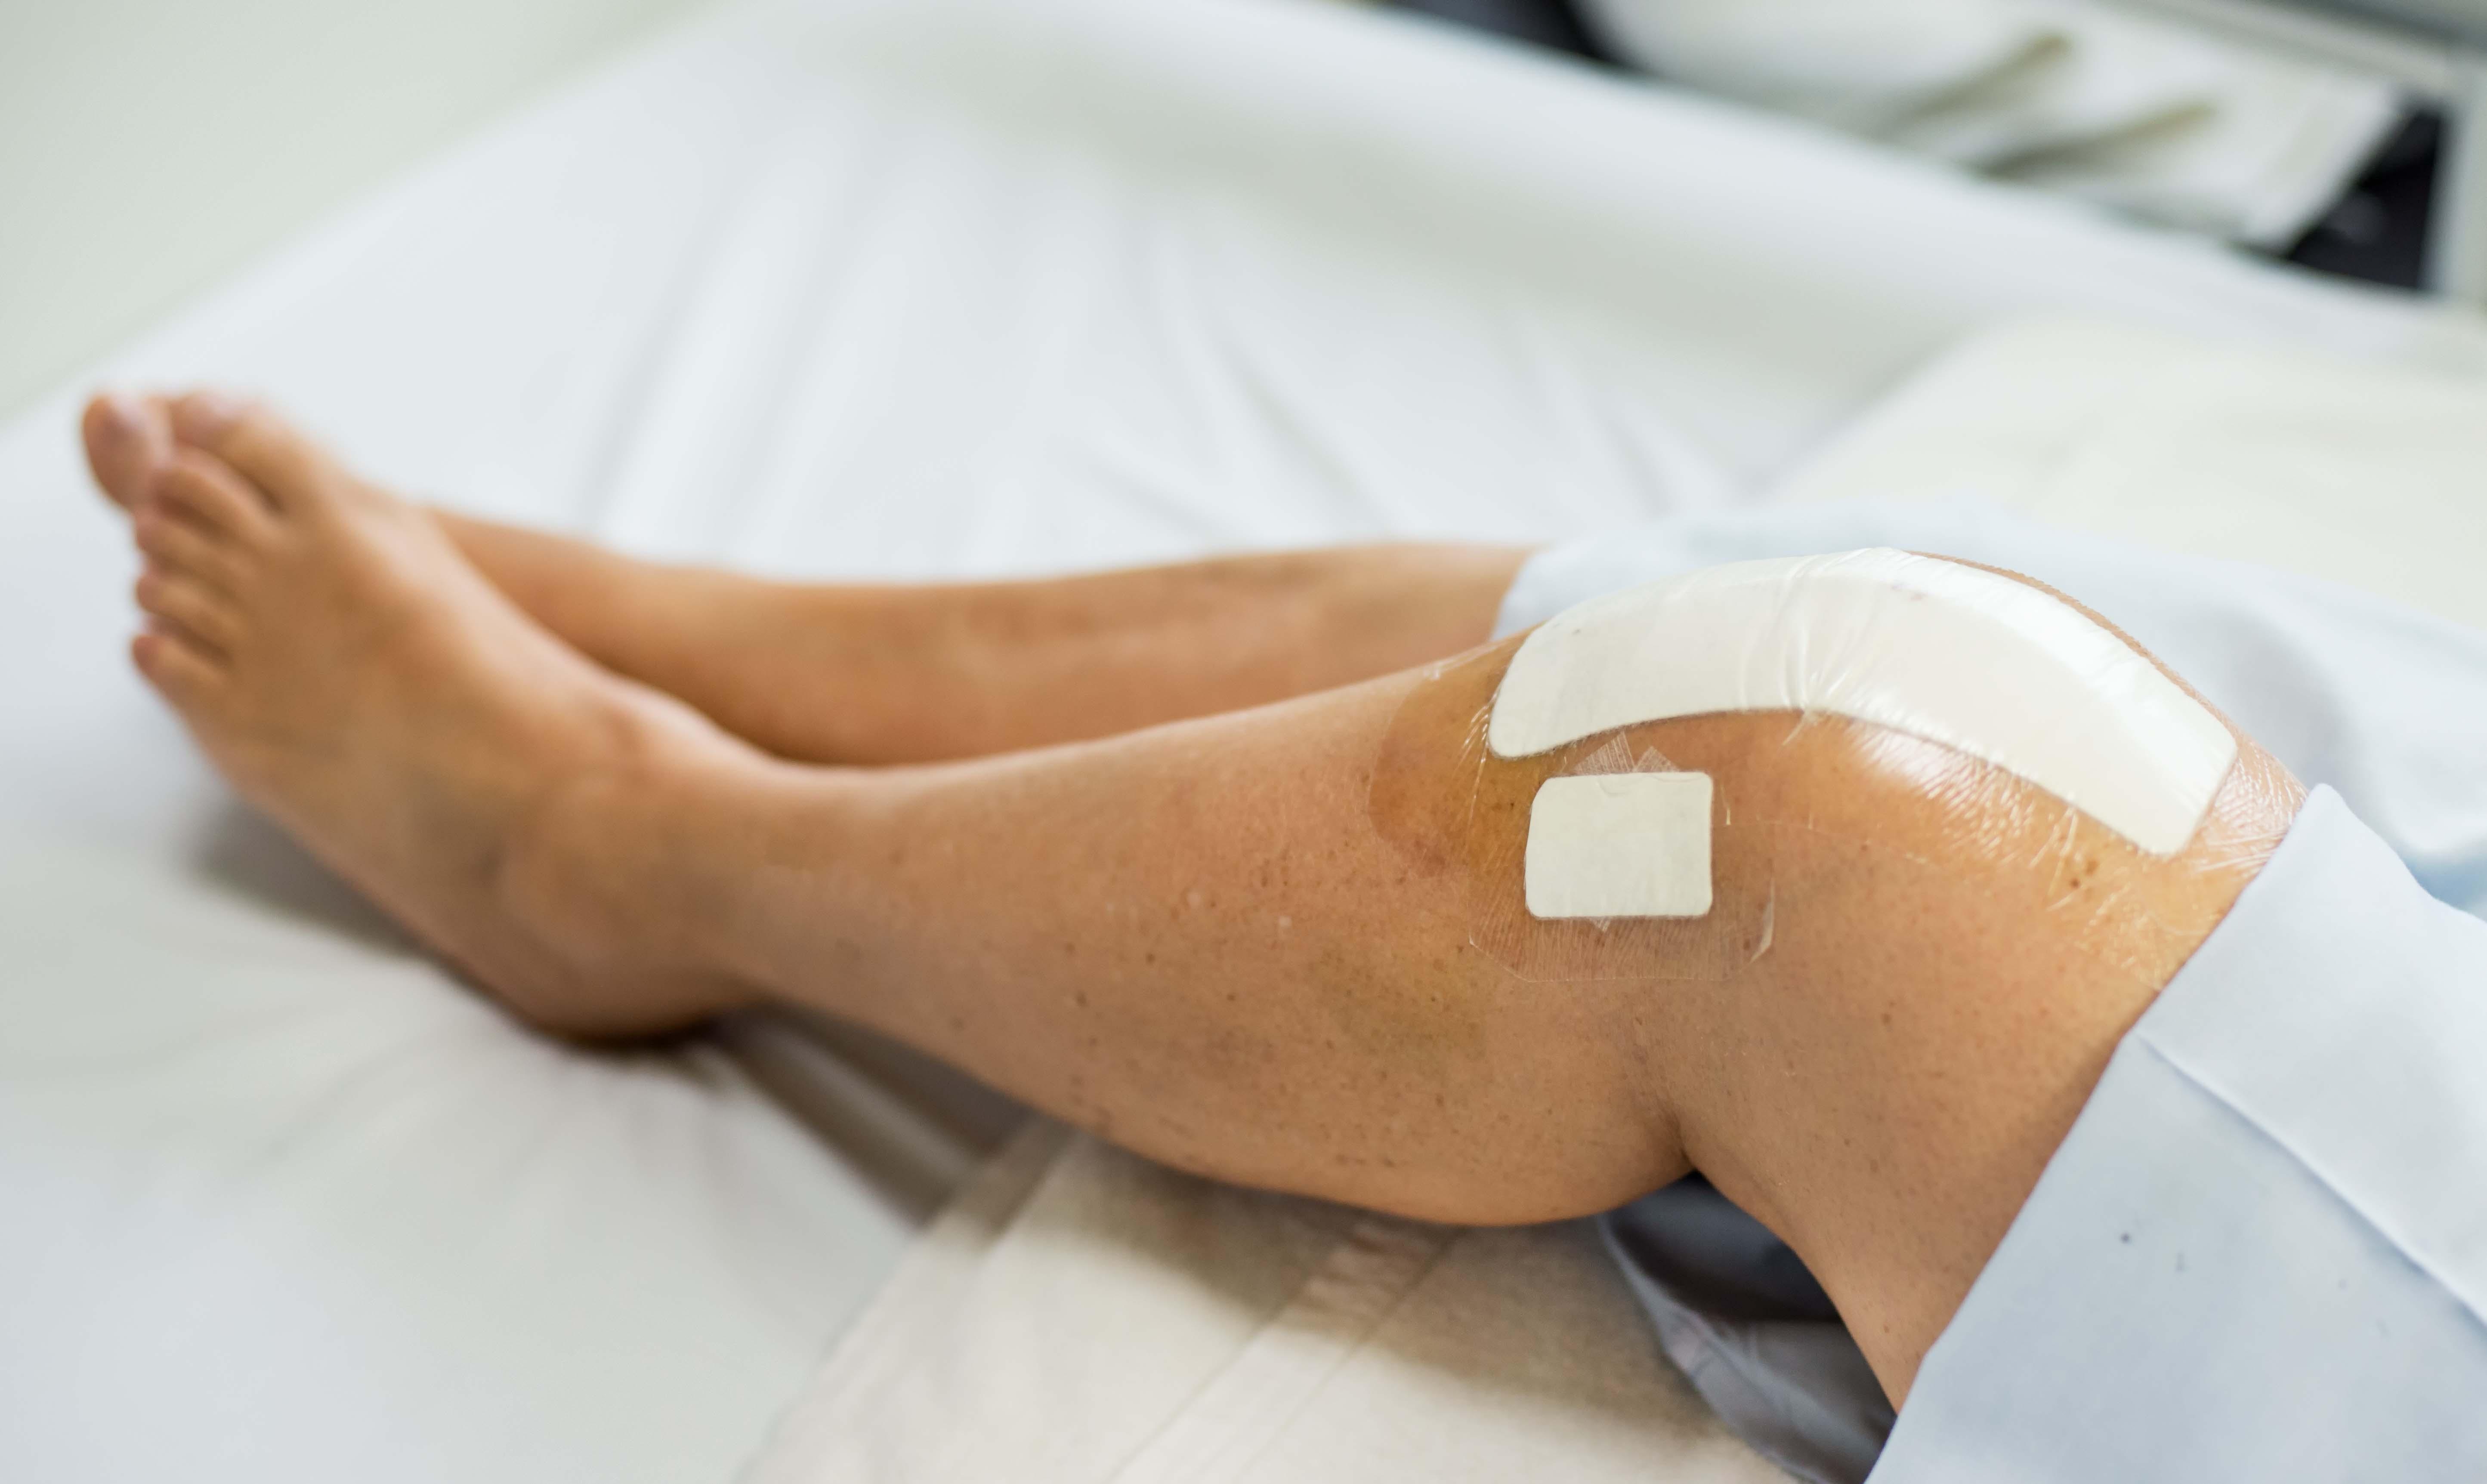 Knee operation, knee surgery